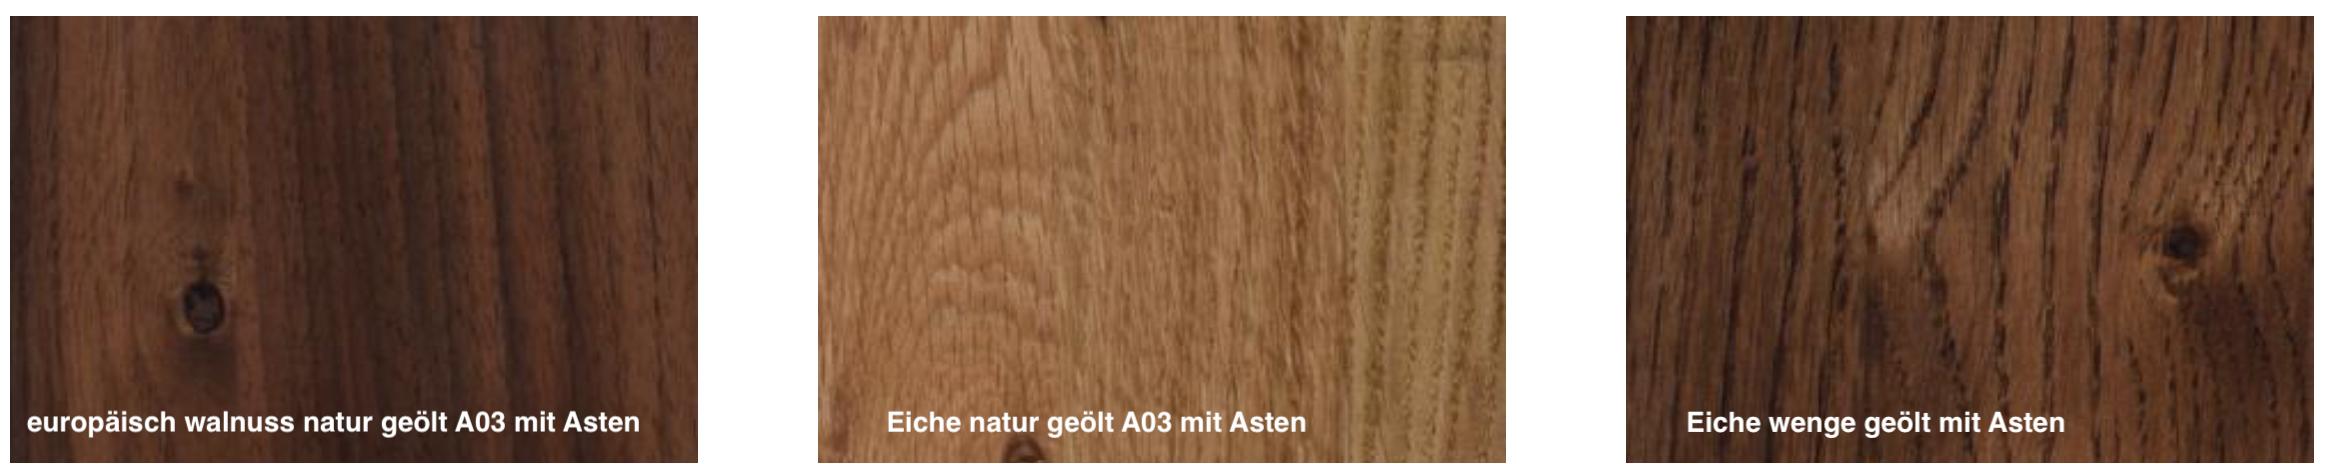 Castula Esstisch (ARTISAN) 09